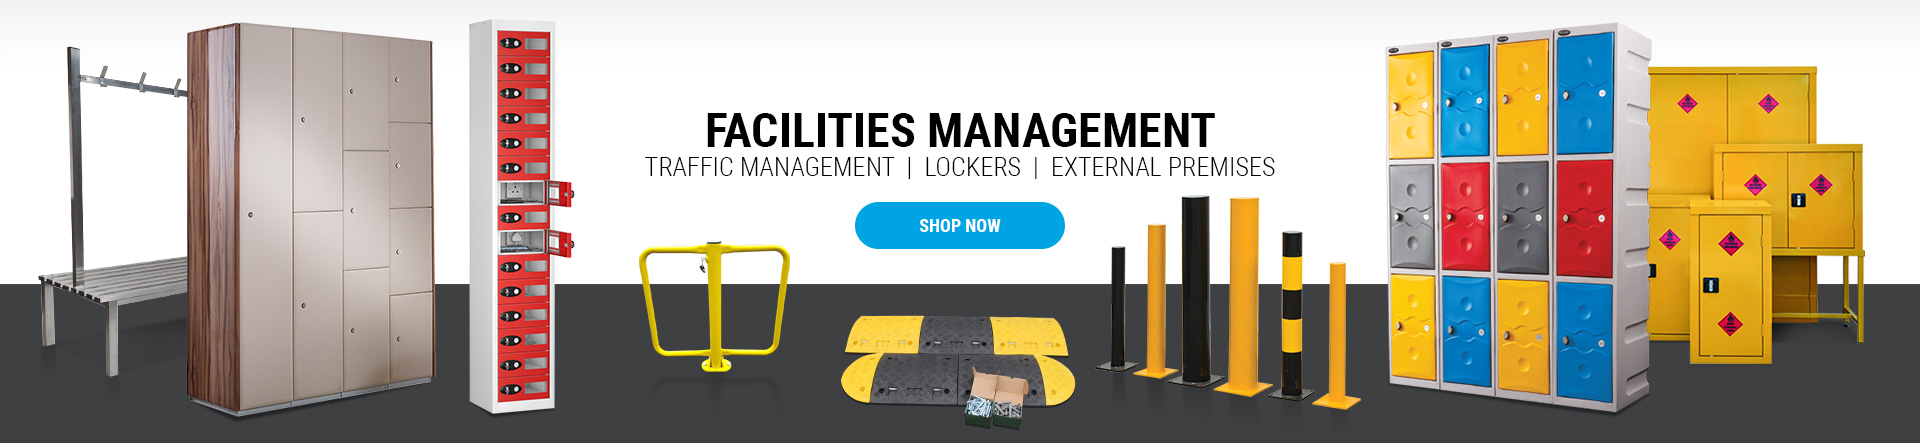 Facilities Management Splash